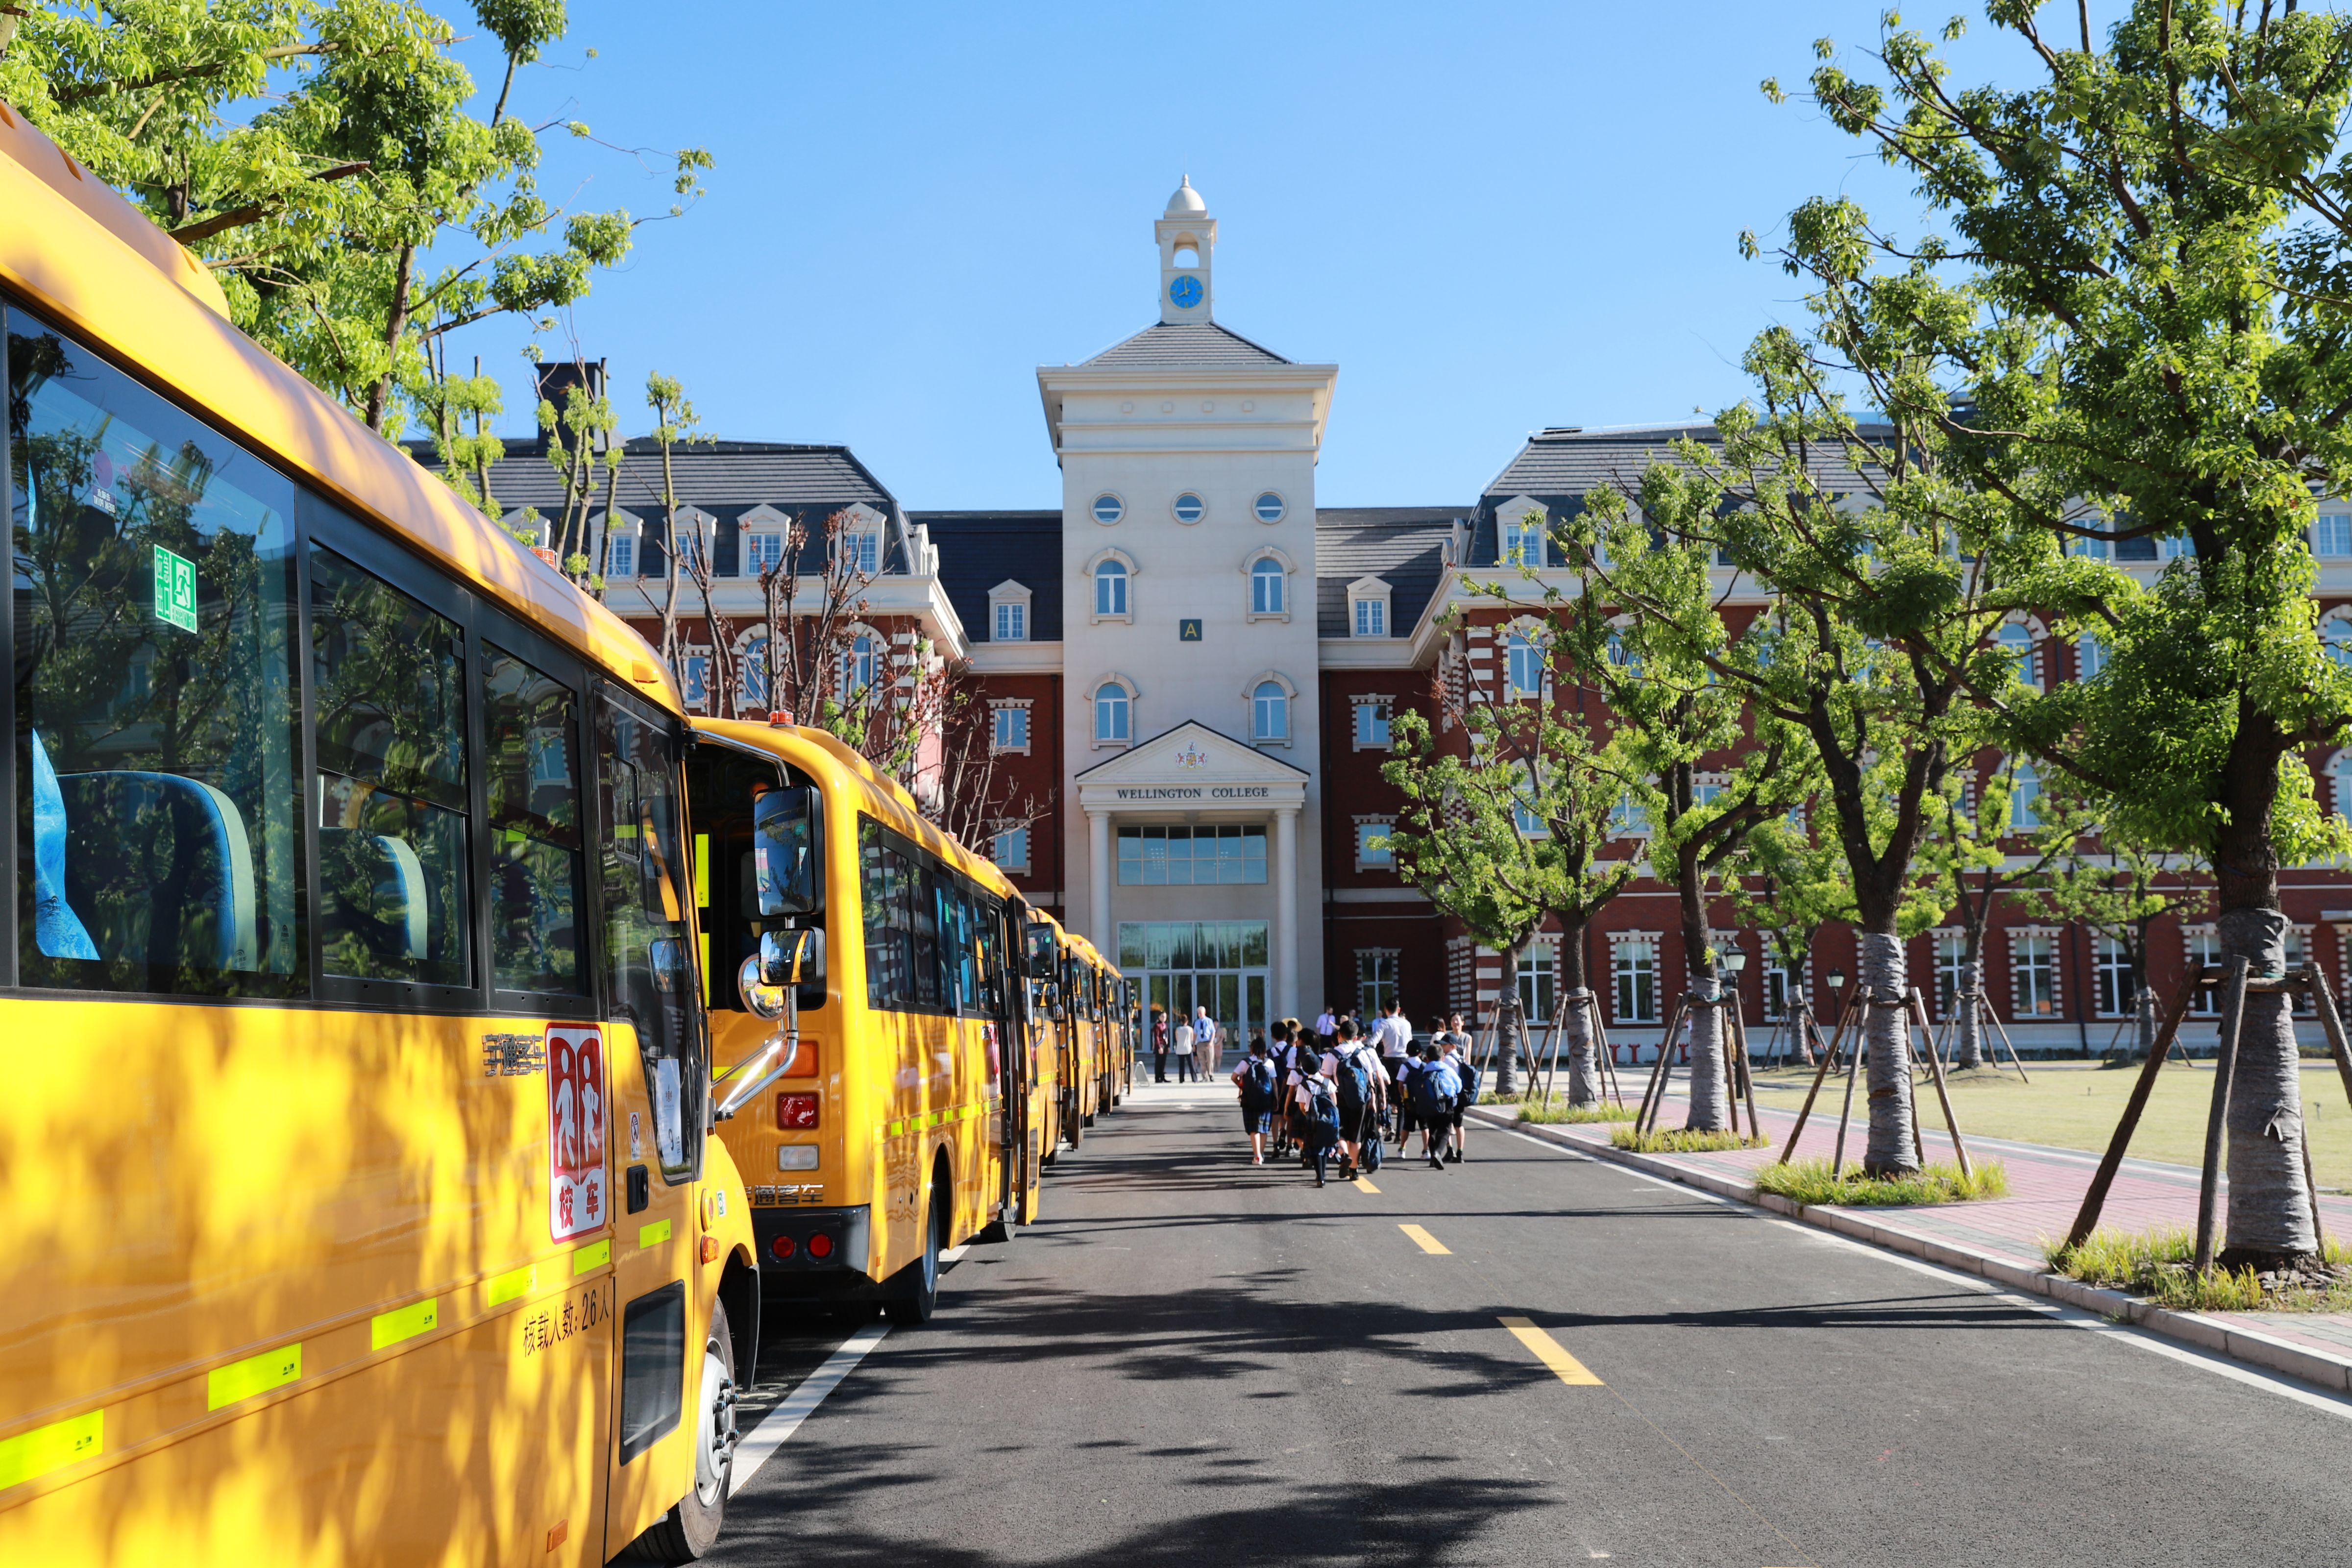 360 Campus Tour